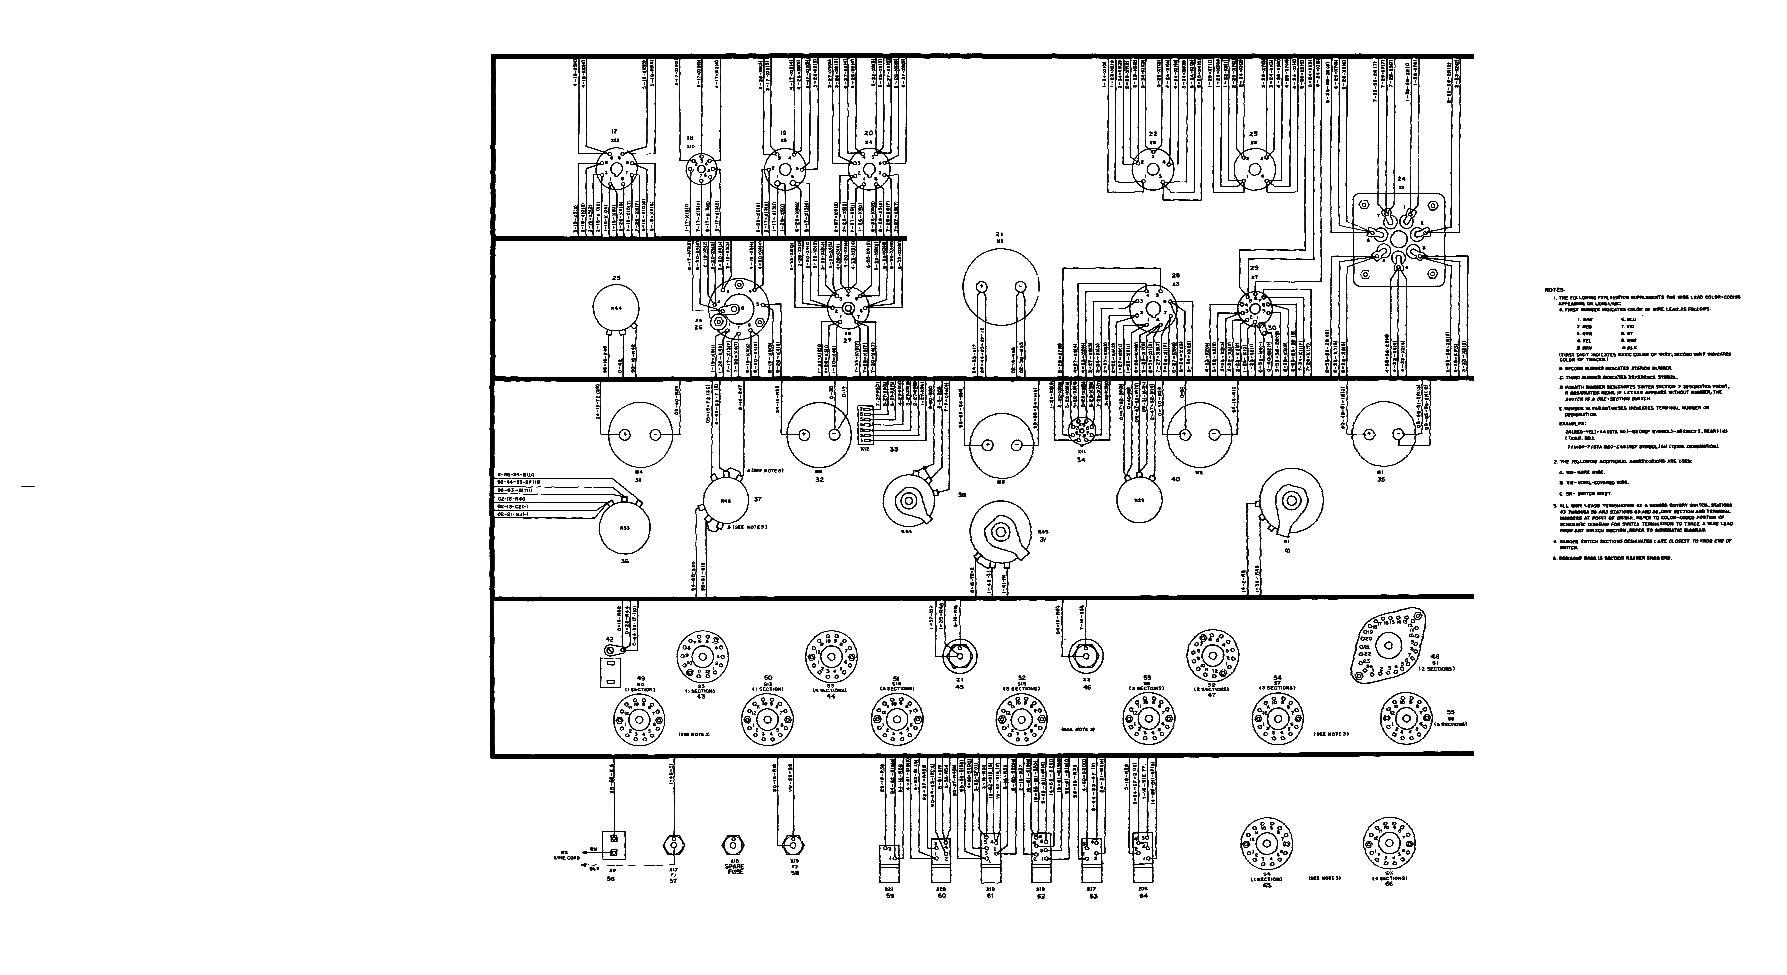 panelboard wiring diagram